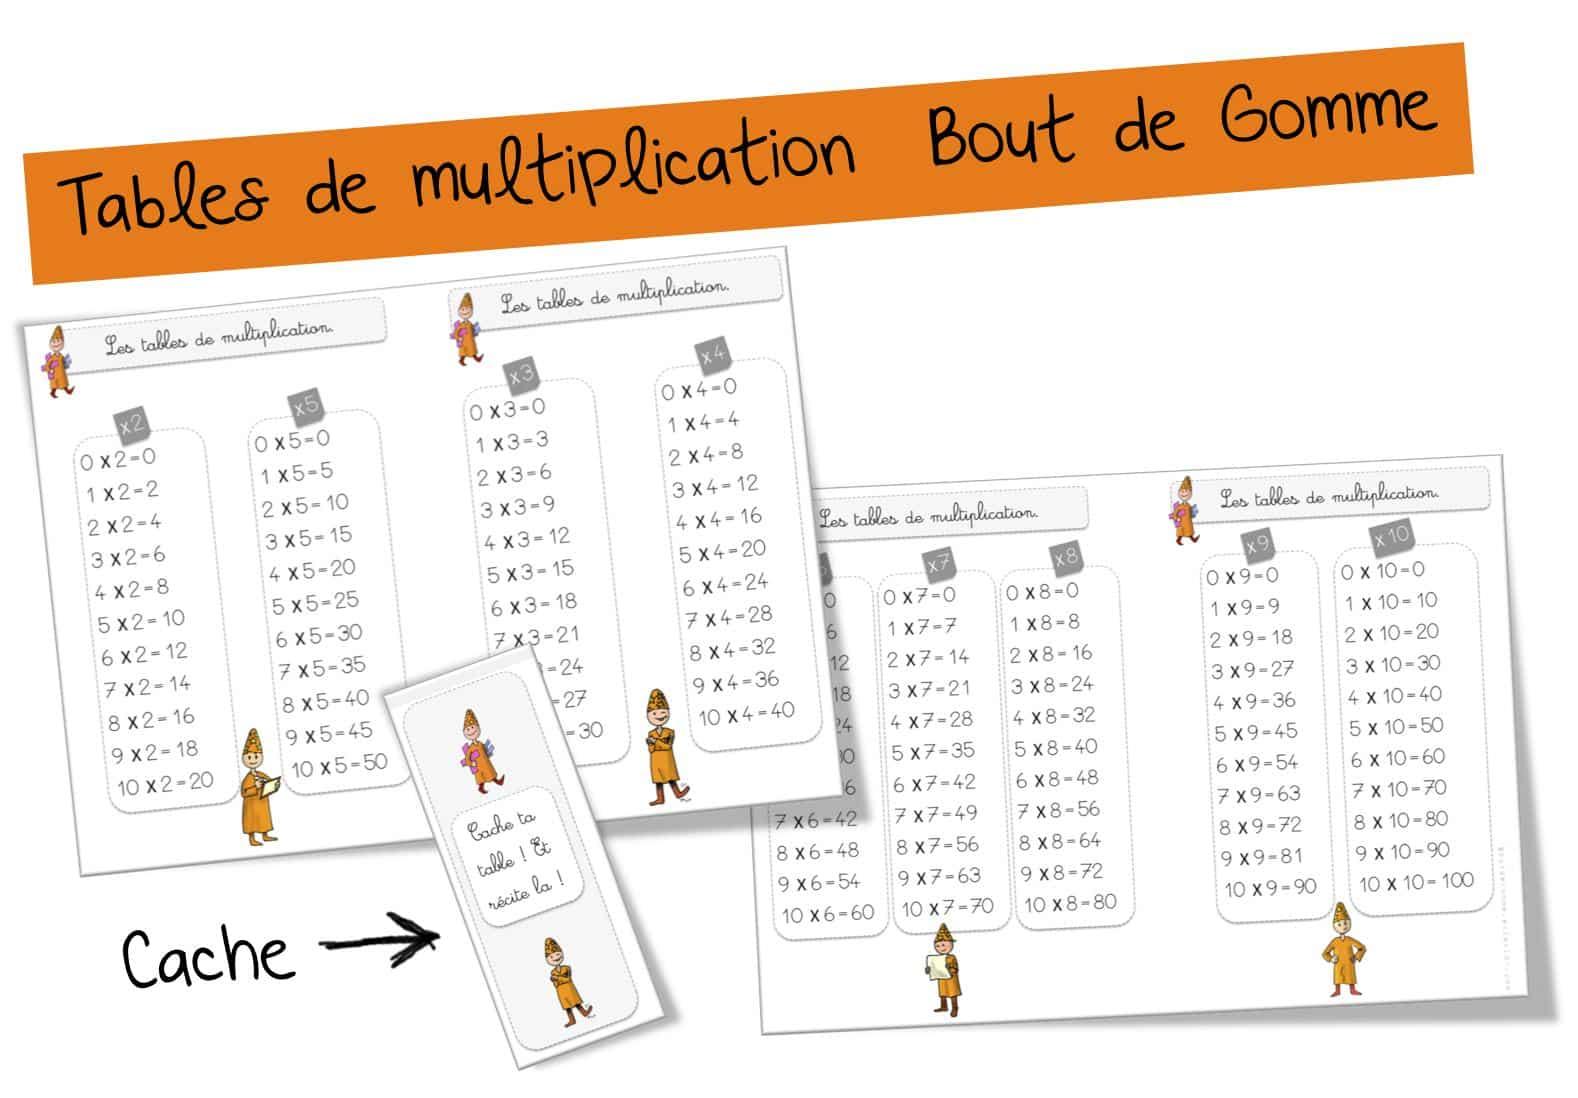 Comment apprendre les tables de multiplication - Apprendre les tables de multiplication jeux ...